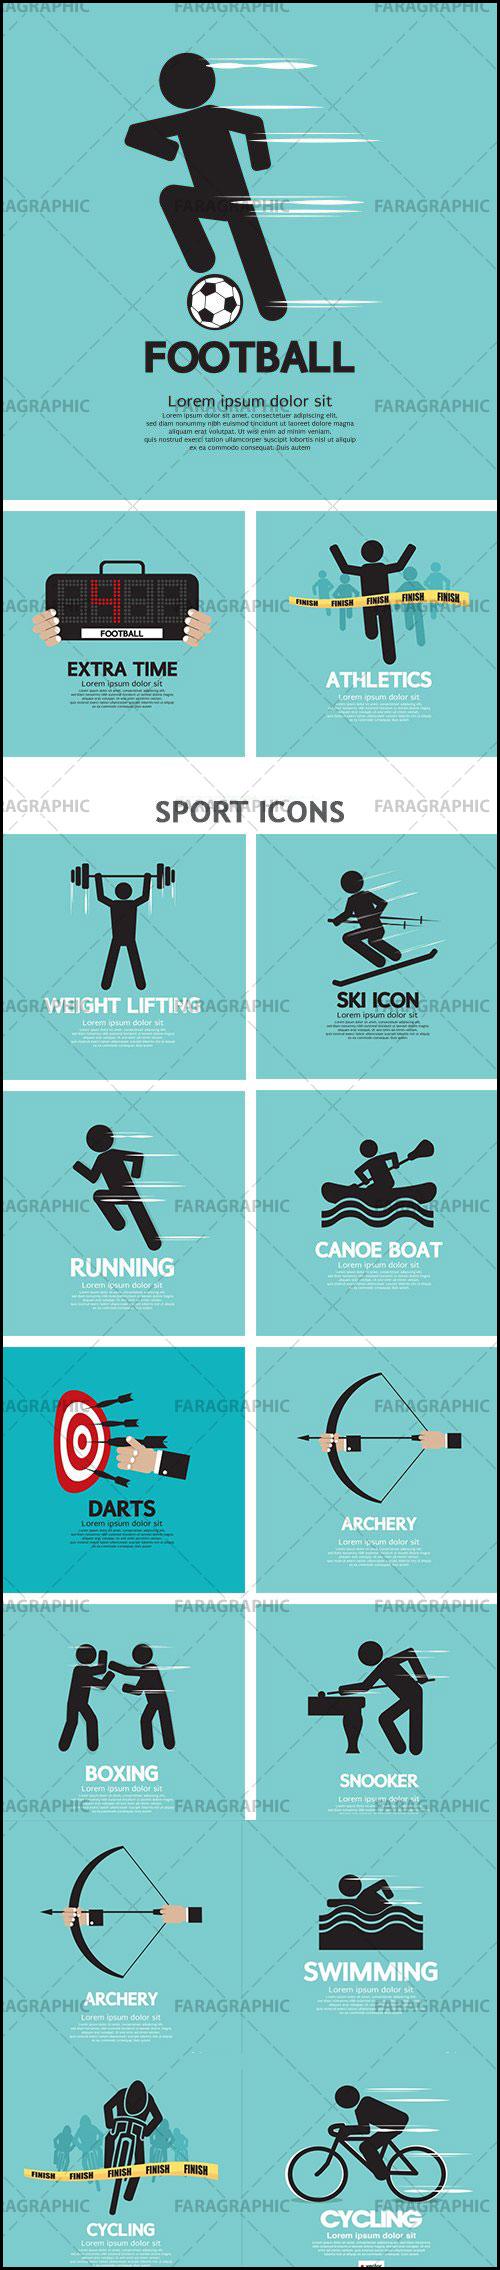 دانلود وکتور نماد رشته های ورزشی